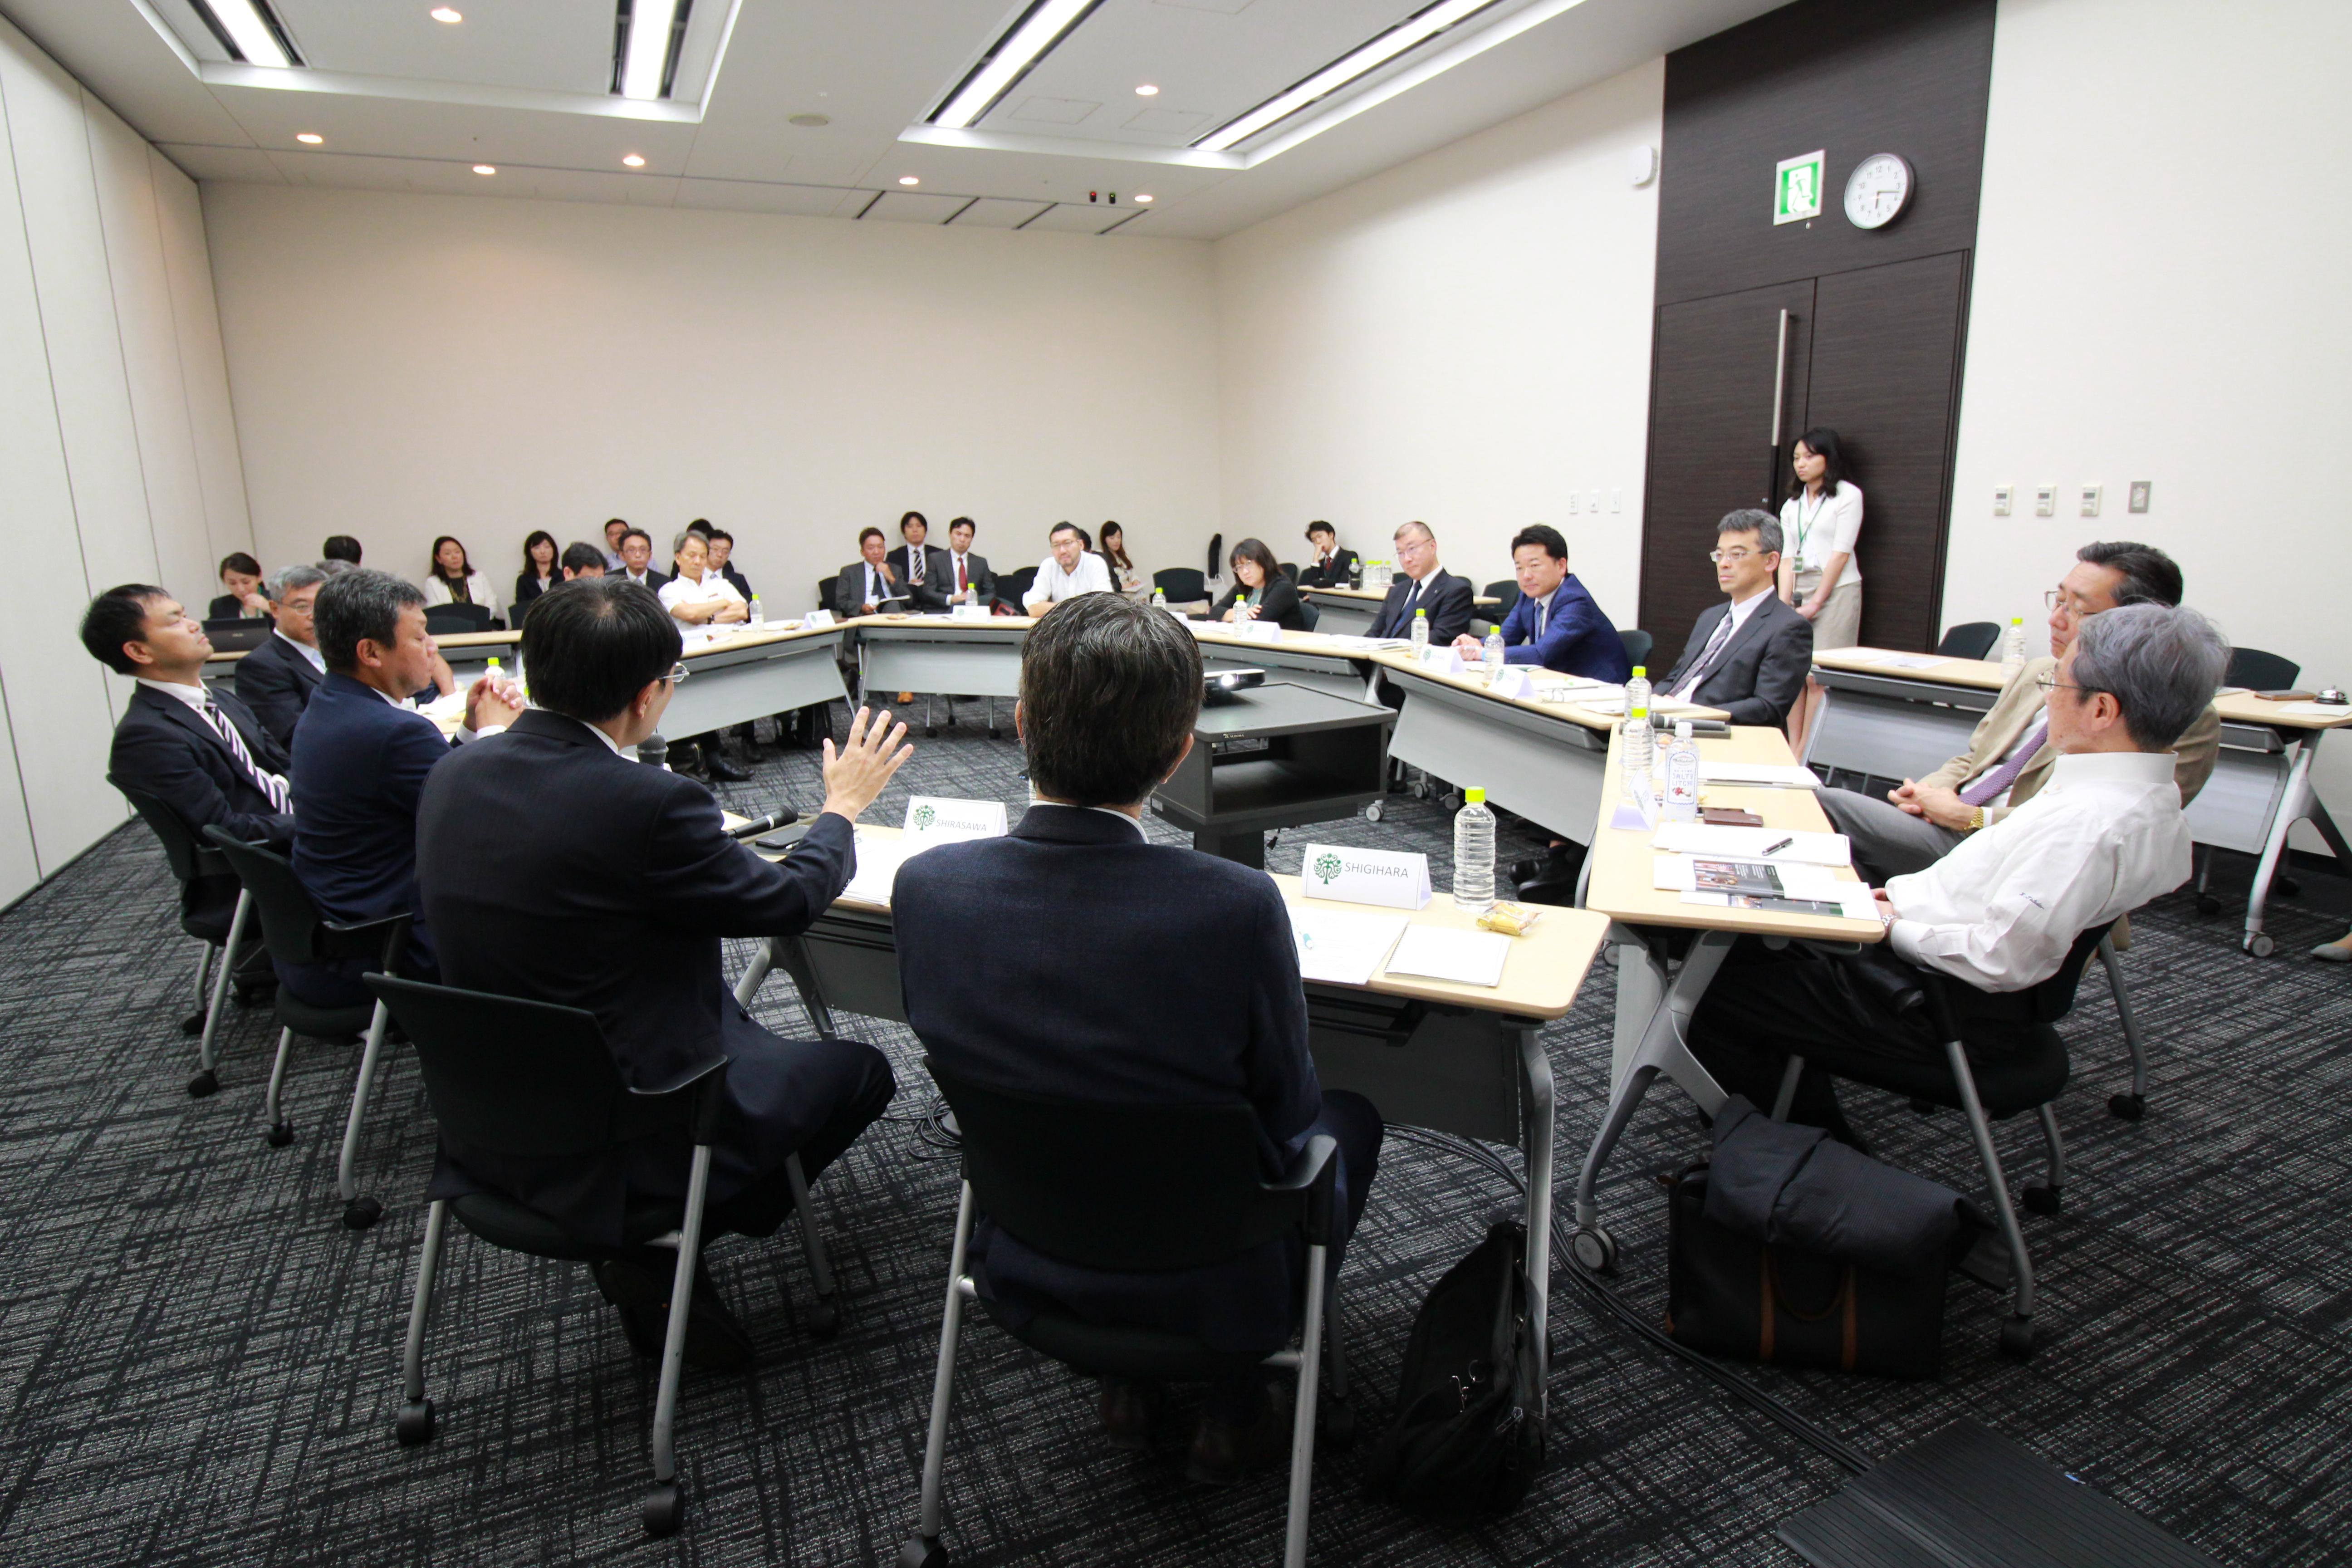 【開催報告】キックオフ・ミーティング~「AMR Alliance Japan」設立 ビジョンの設定に向けた課題整理~(2018年09月06日)